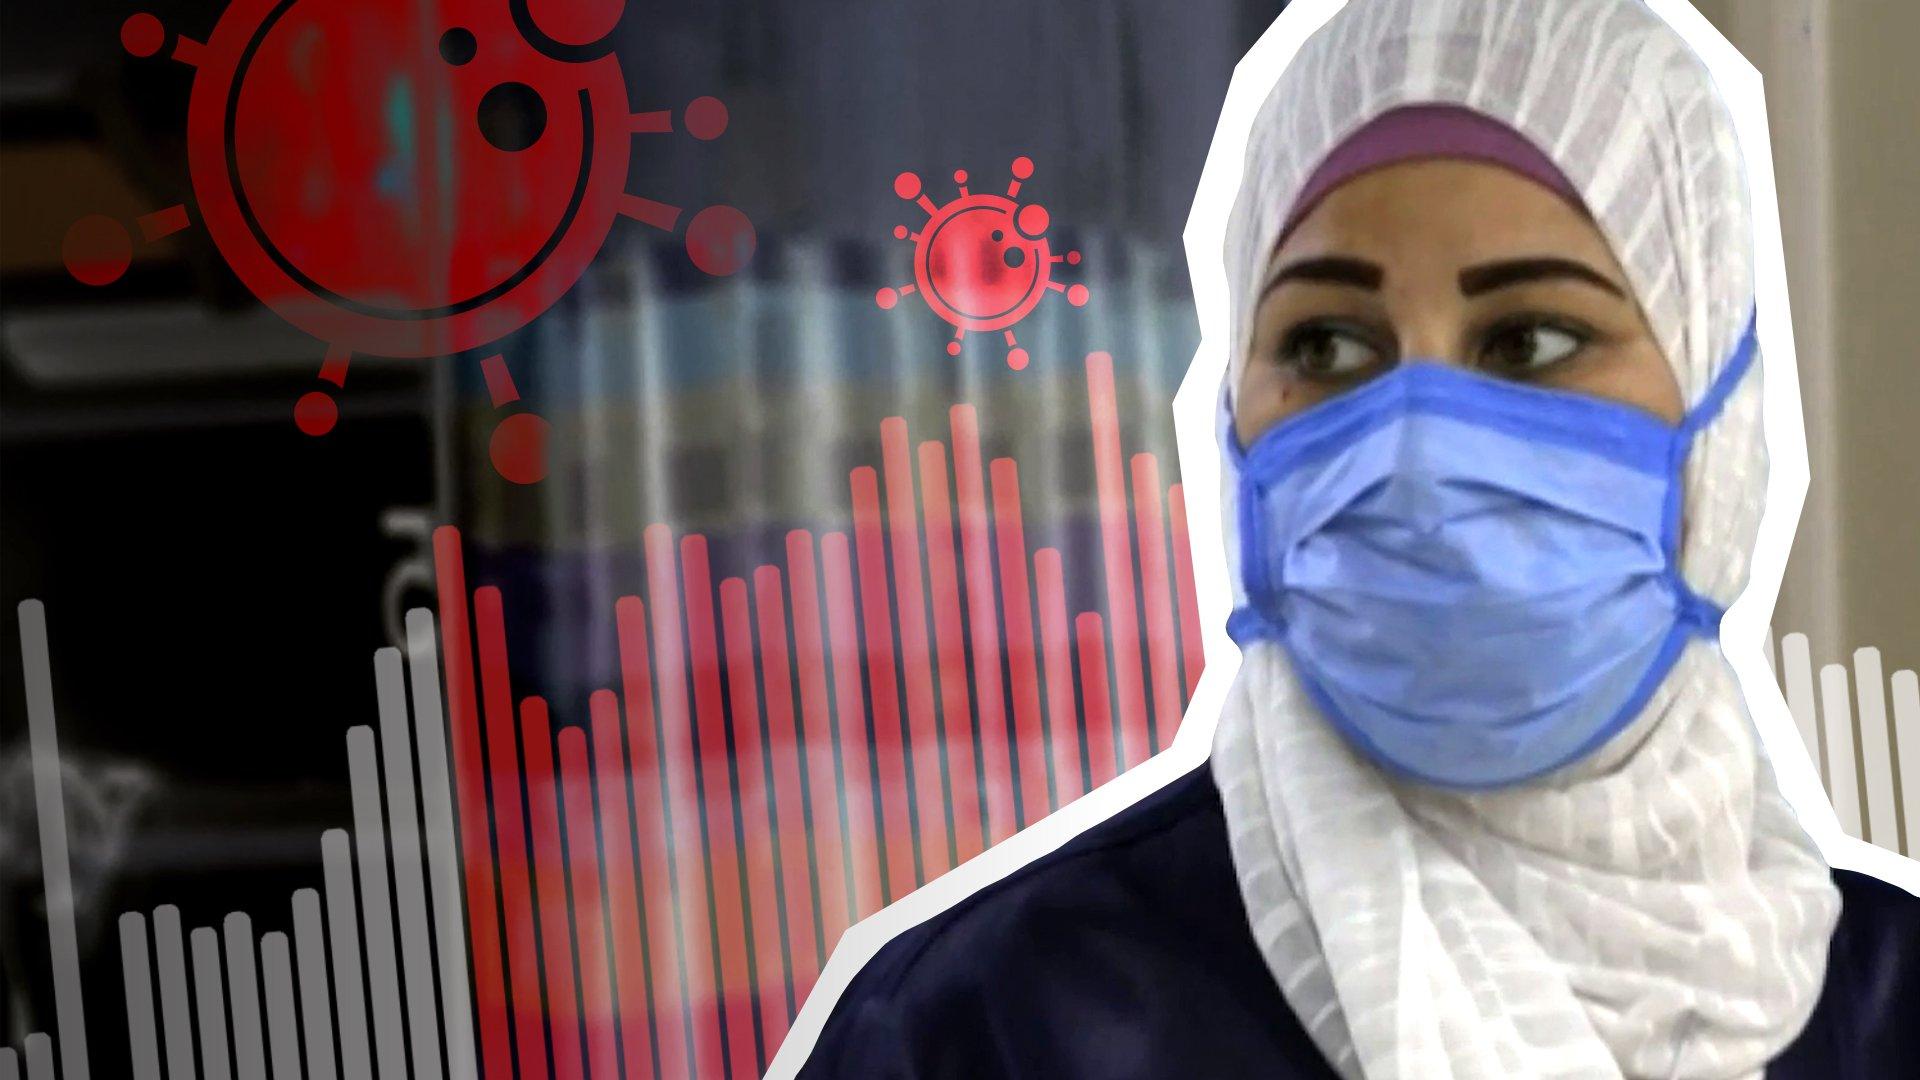 السلطات المصرية أعلنت أنها تعاقدت على شراء 250 ألف وحدة اختبار سريع ستُستخدم في المطارات على القادمين إلى مصر خاصة من الدول التي بها انتشار كثيف للفيروس.